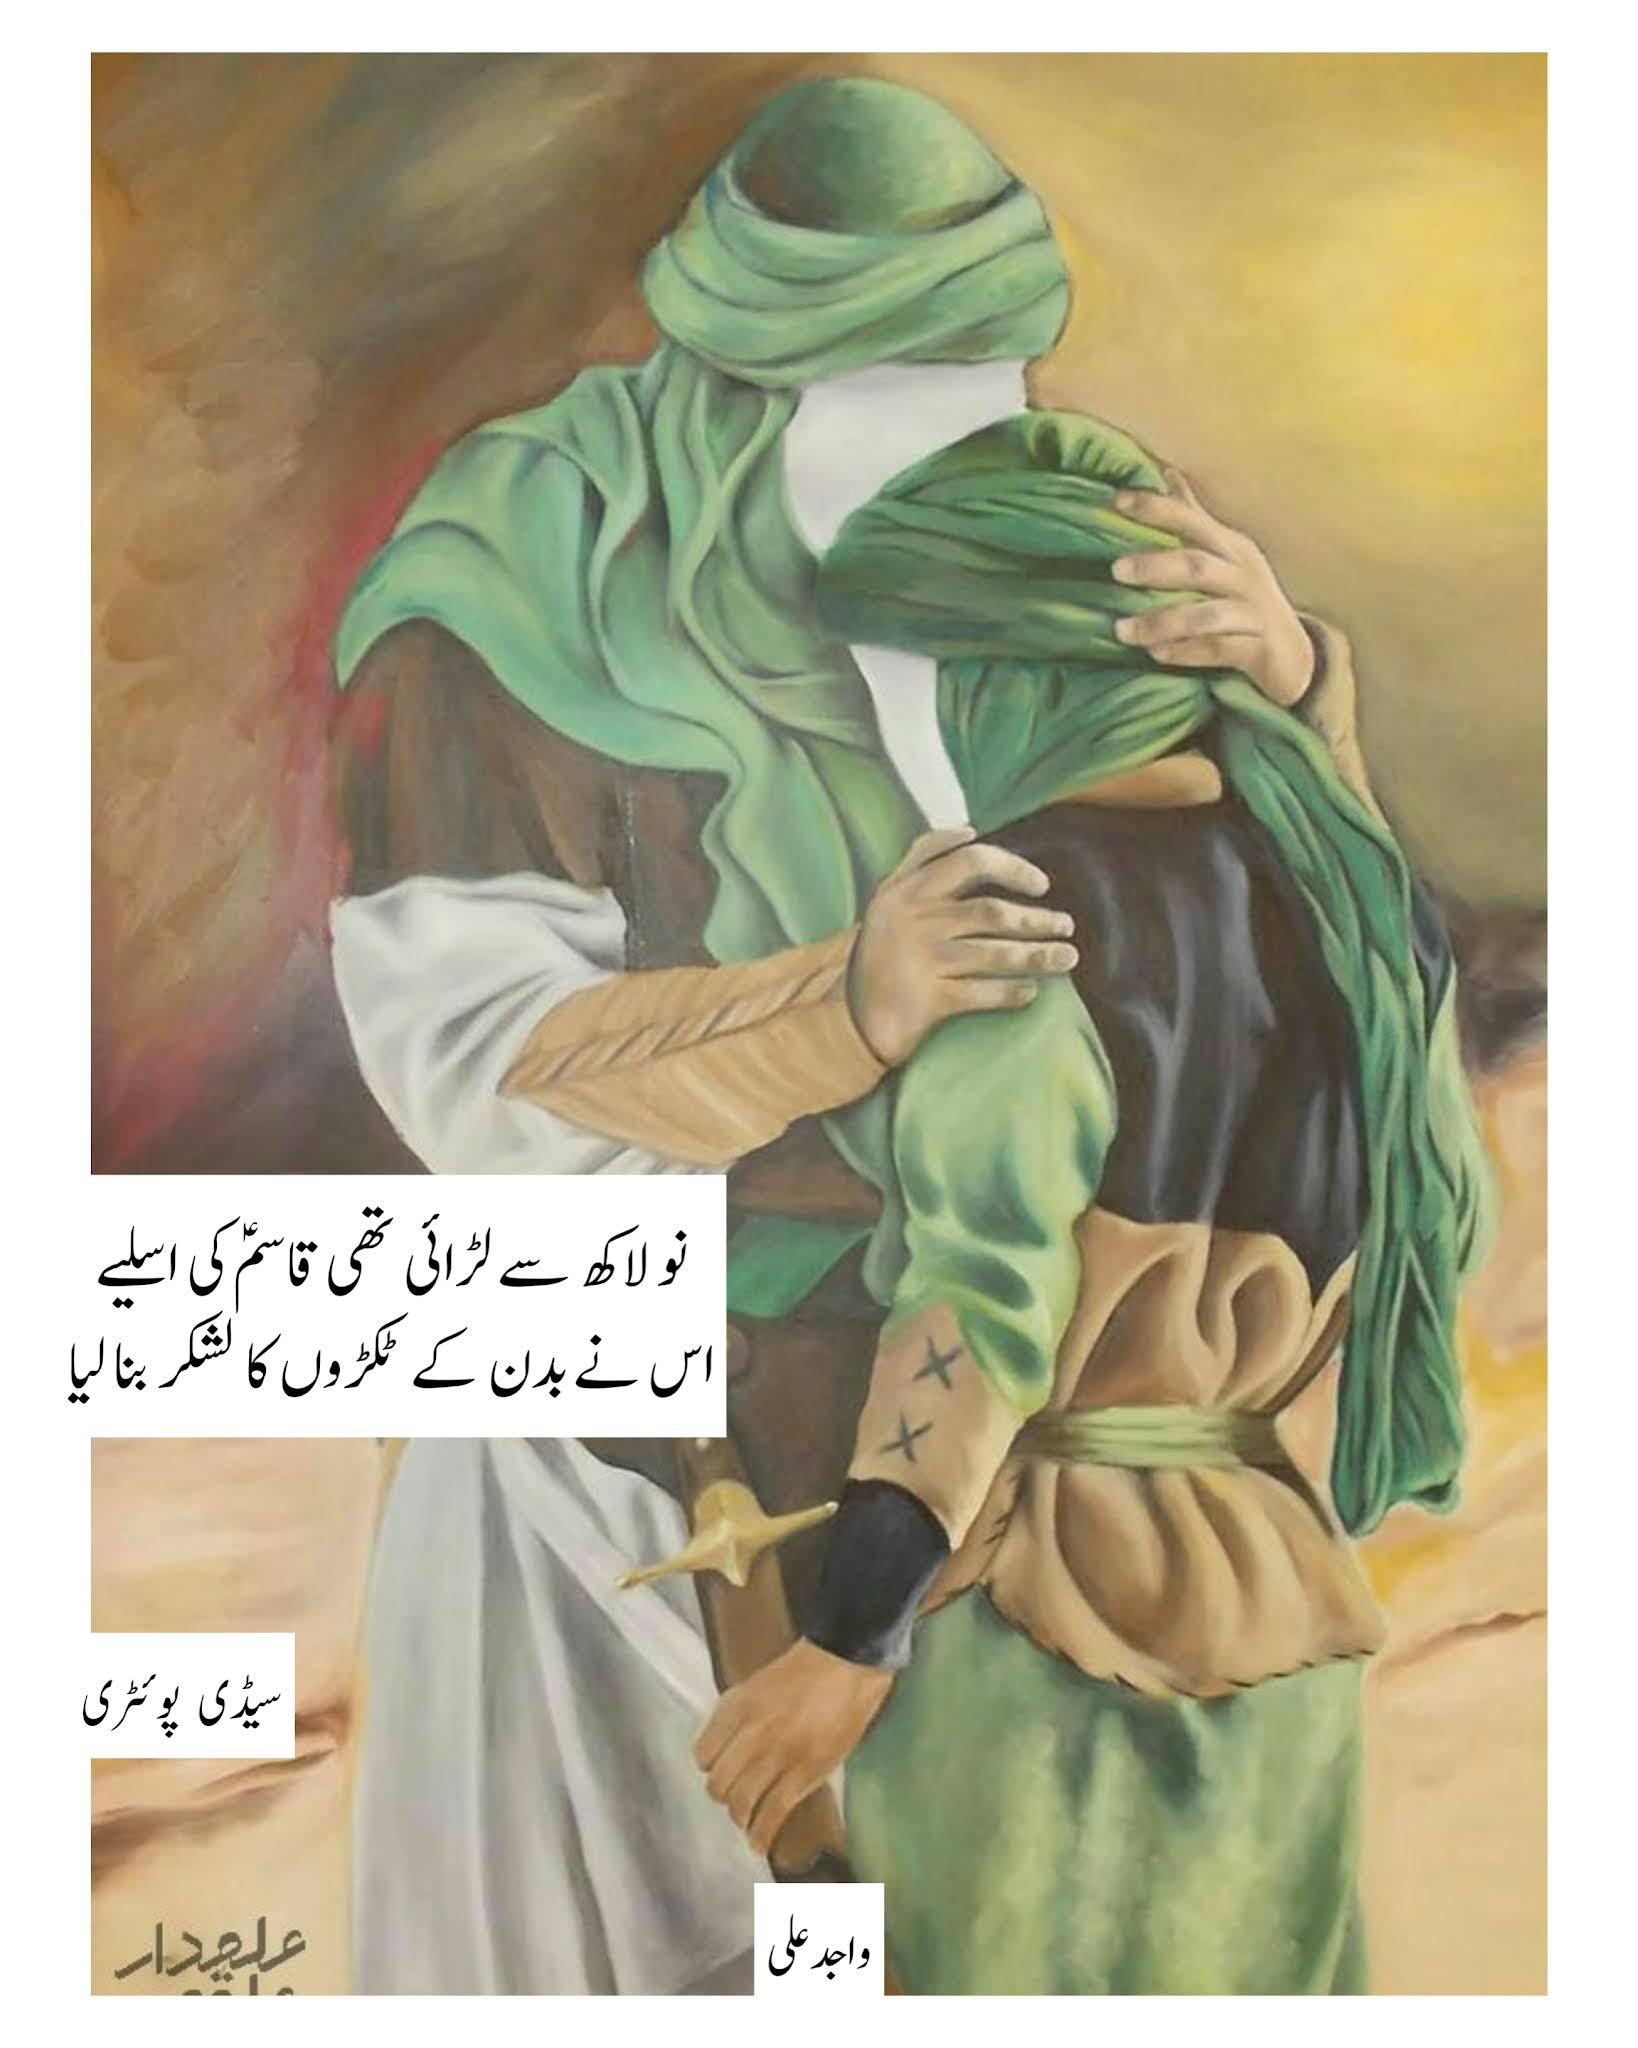 Muharram Poetry In Urdu 2021 | Karbala Poetry in Urdu 2021